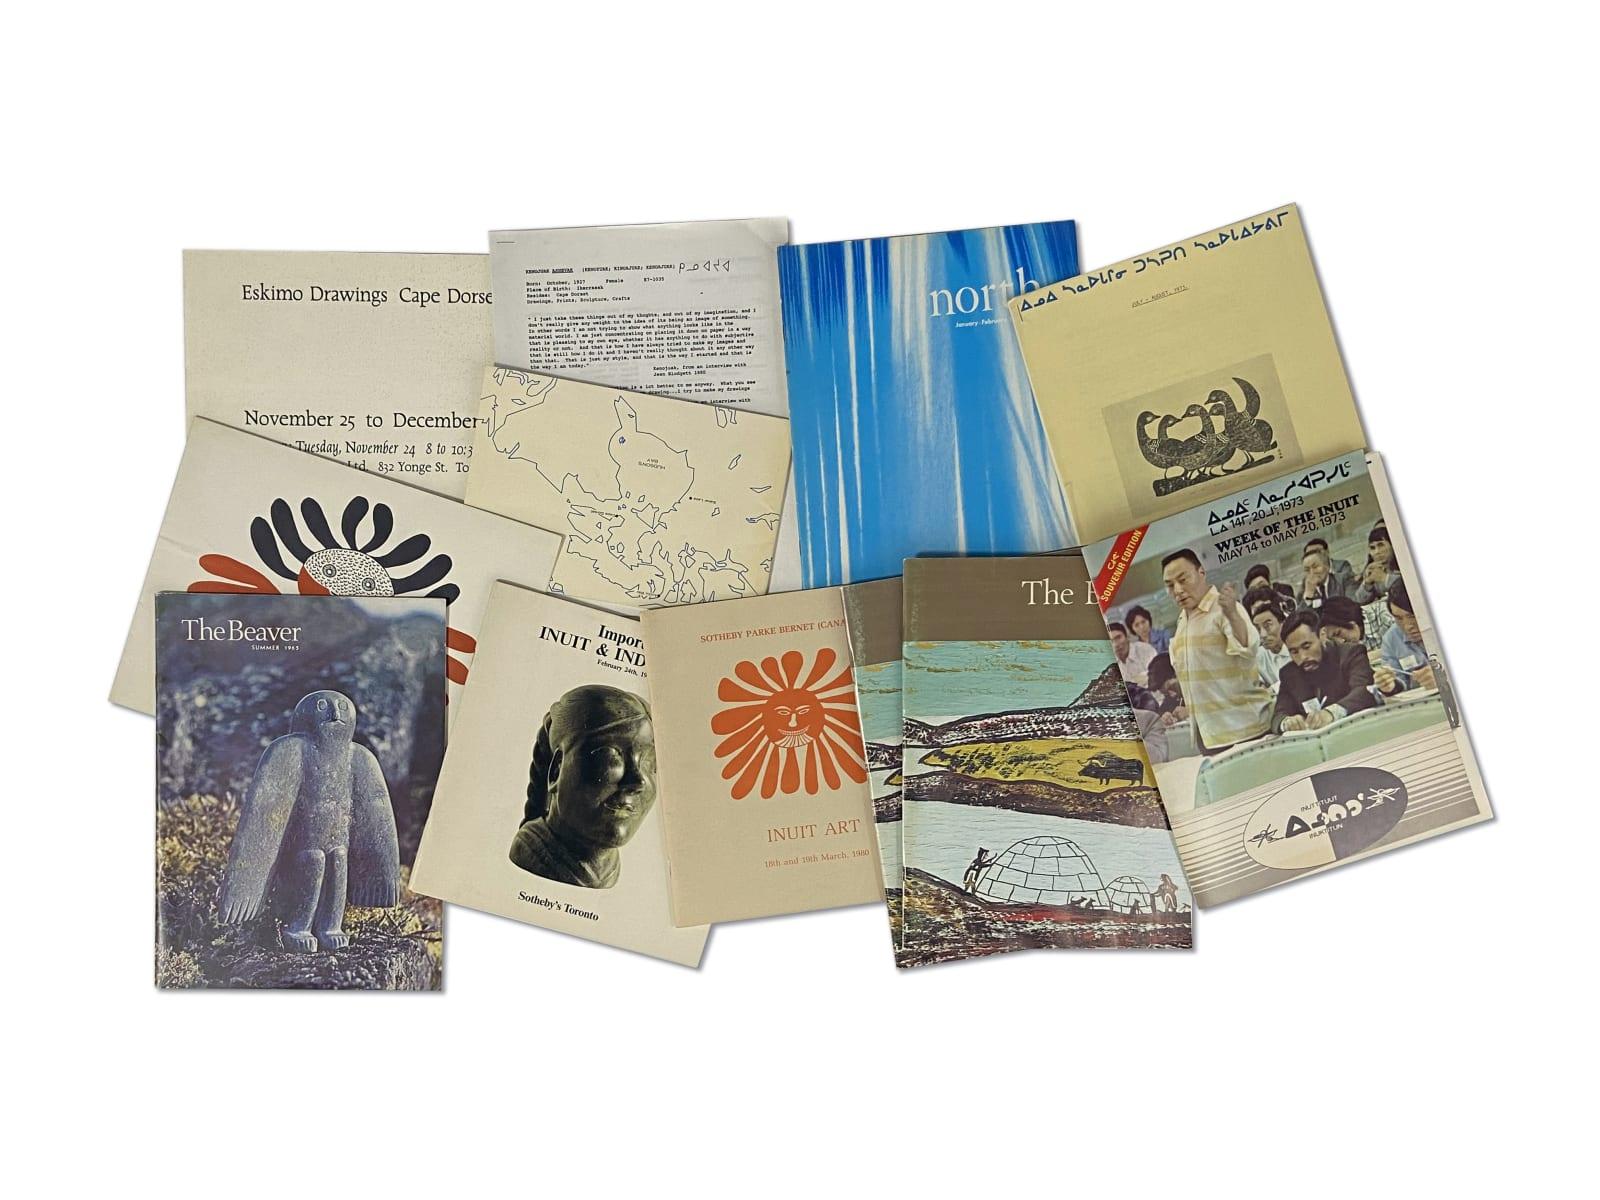 Lot 87 Quantity of Ephemera and Periodicals Estimate: $150 — $250